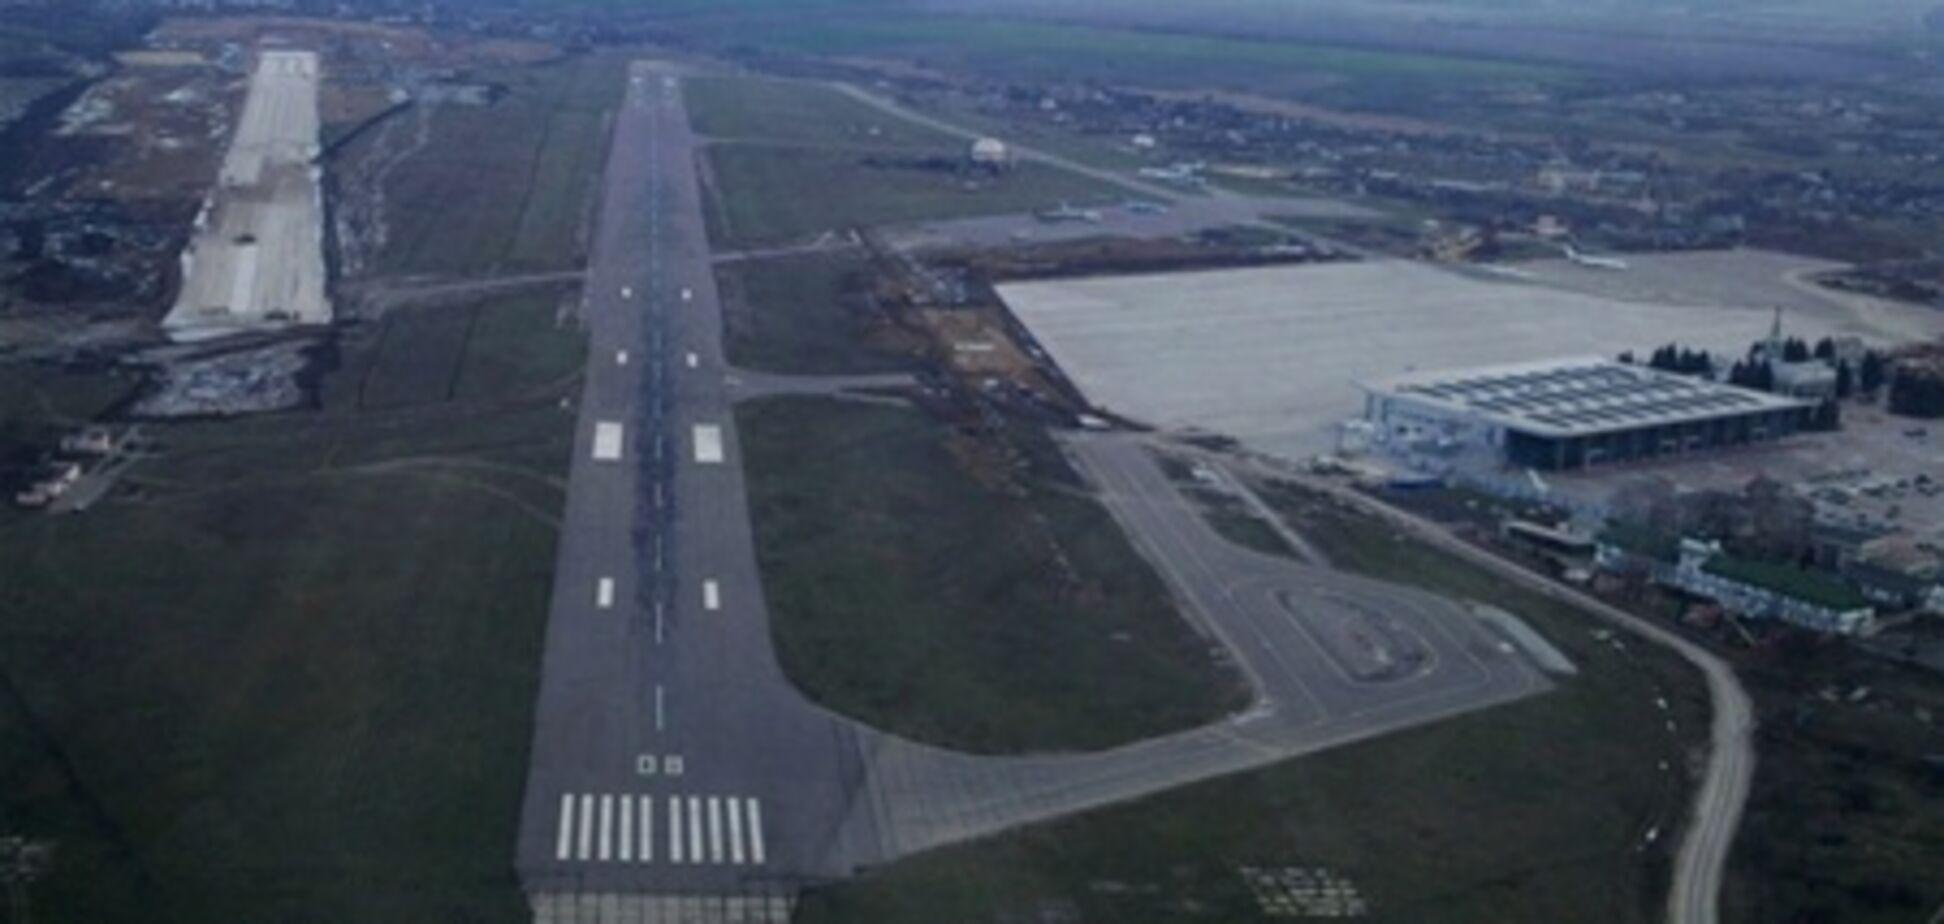 В аэропорту Харькова открыта новая взлетная полоса длиной 2,5 км